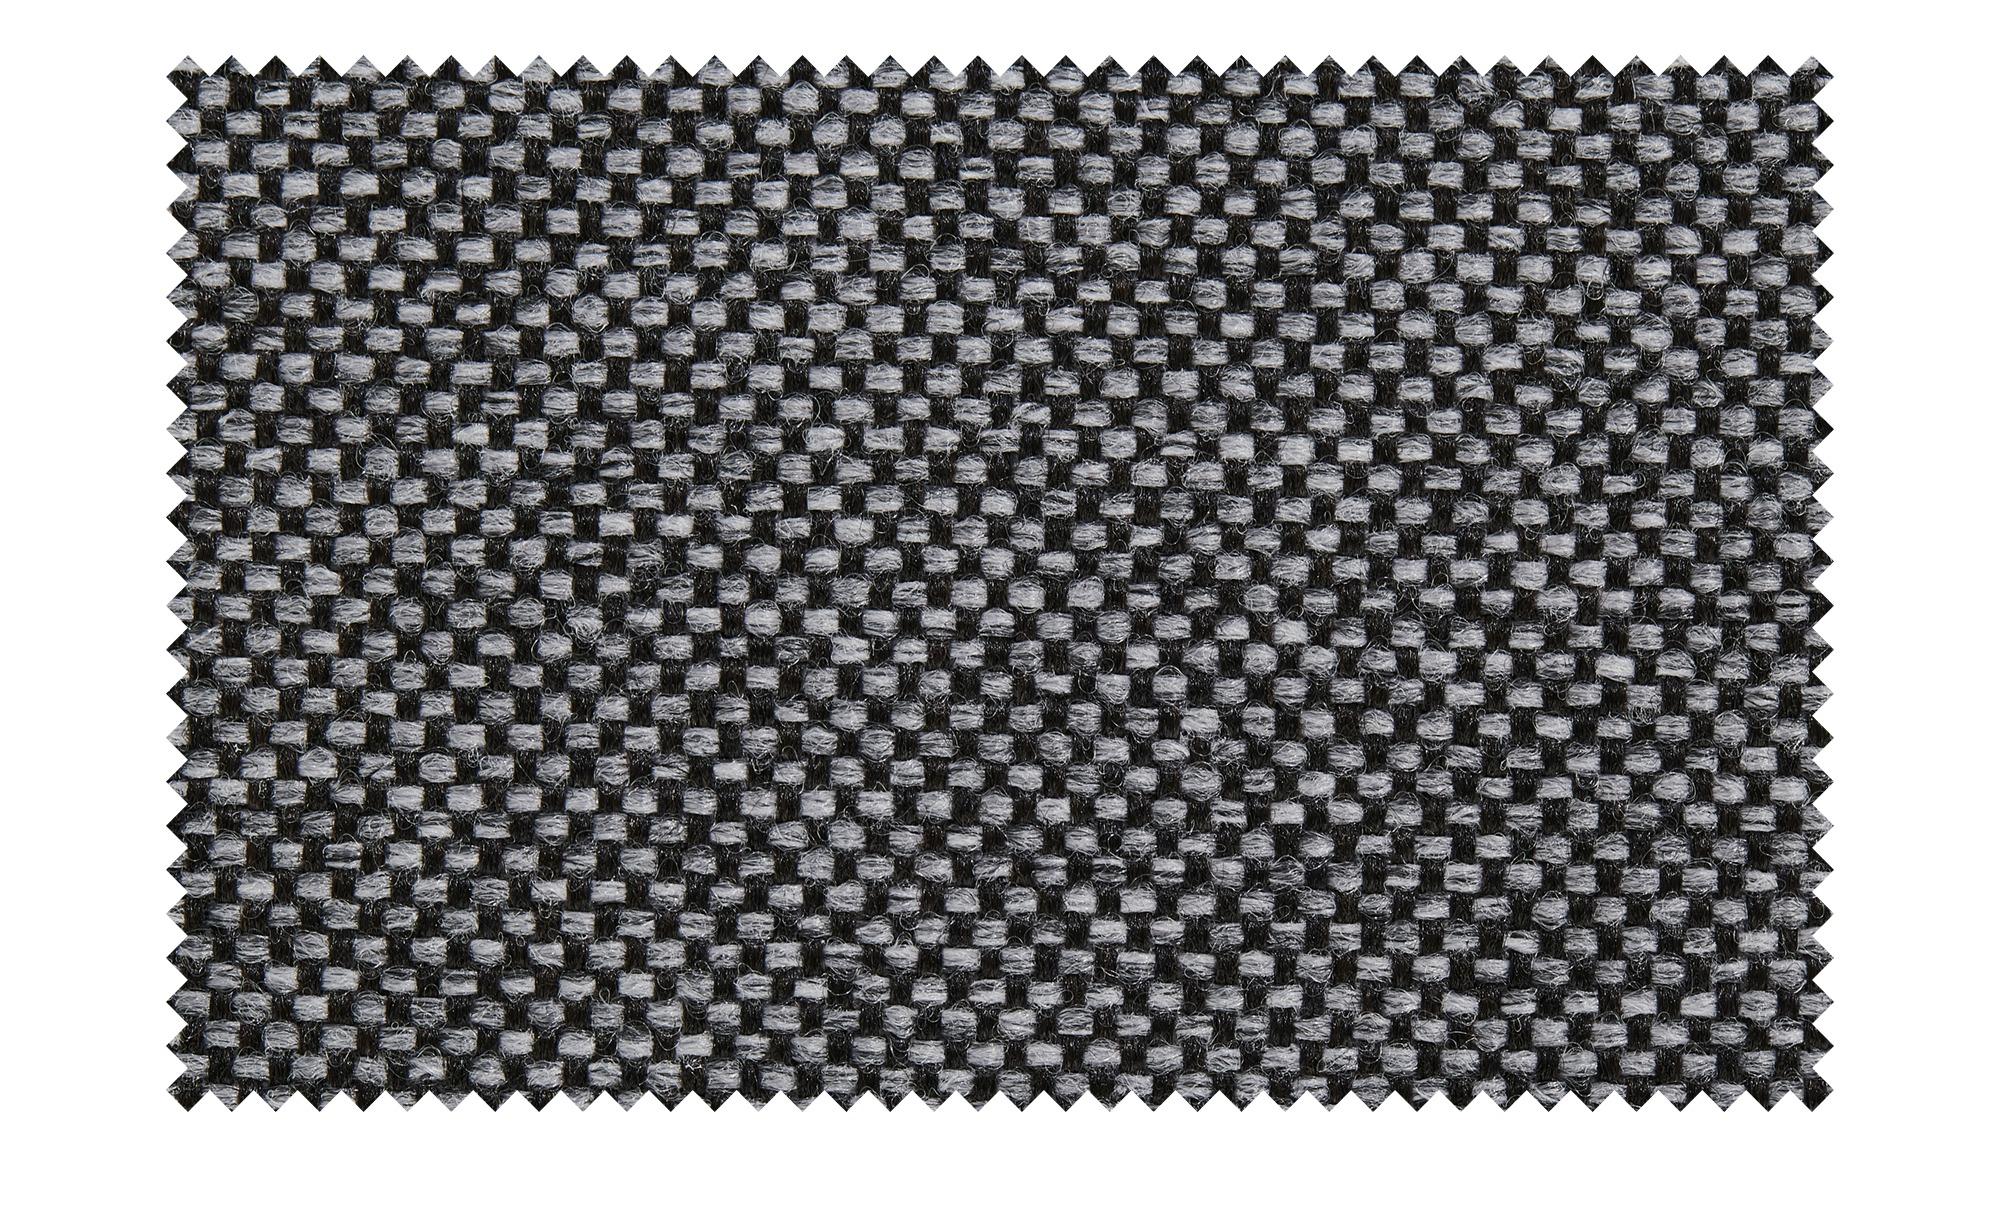 Sitzkissen - Füllmaterial: Polyesterwatte - 85 cm - 4 cm - 34 cm - Heimtextilien > Kissen > Stuhlkissen - Möbel Kraft   Heimtextilien > Decken und Kissen > Kissen   Möbel Kraft